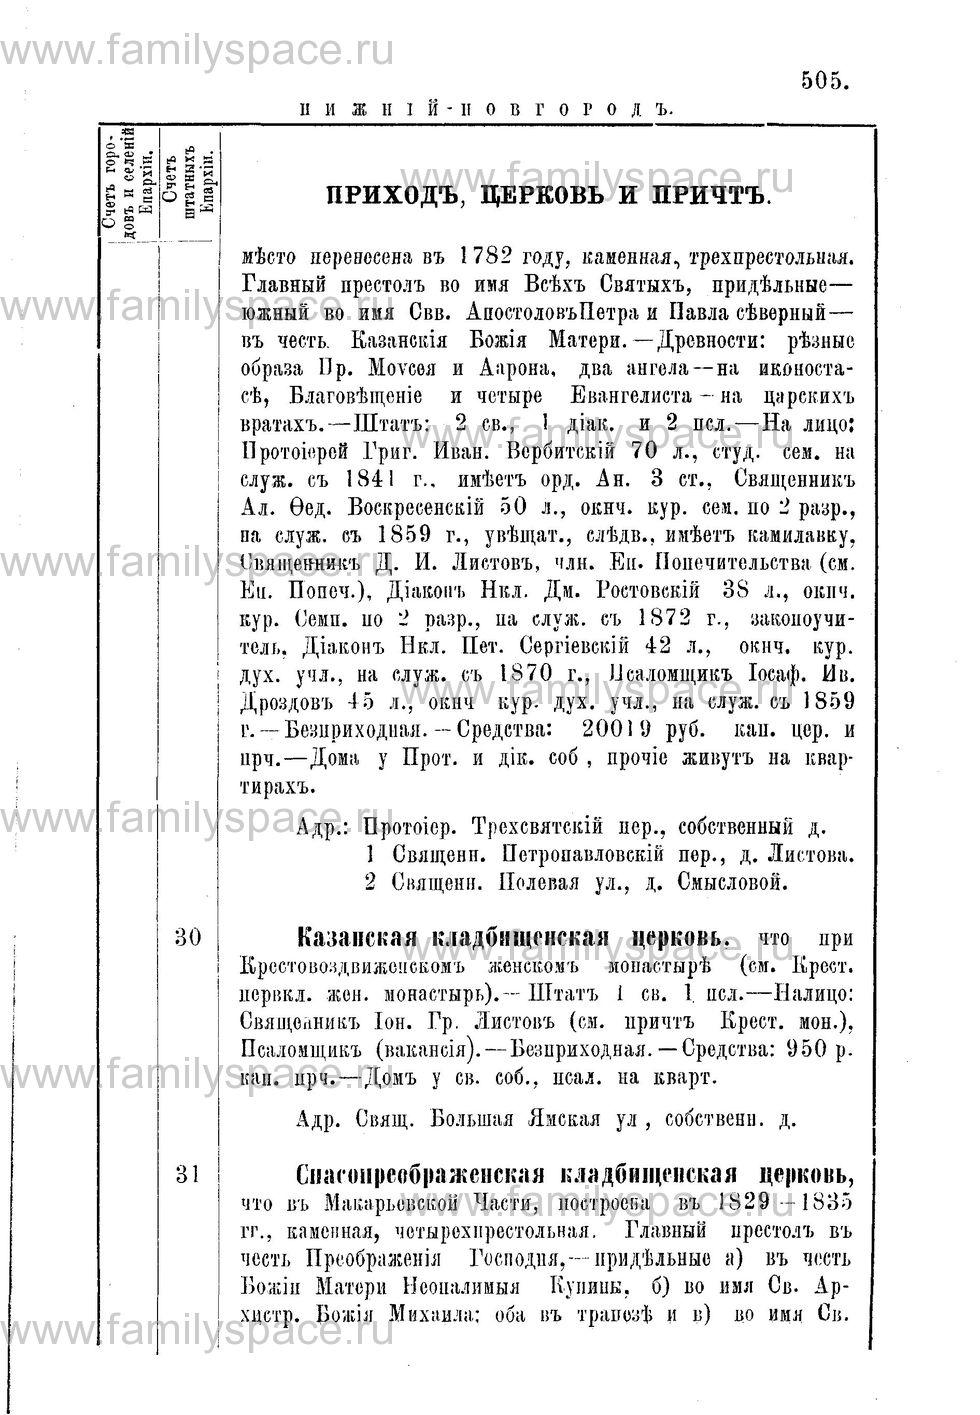 Поиск по фамилии - Адрес-календарь Нижегородской епархии на 1888 год, страница 1505